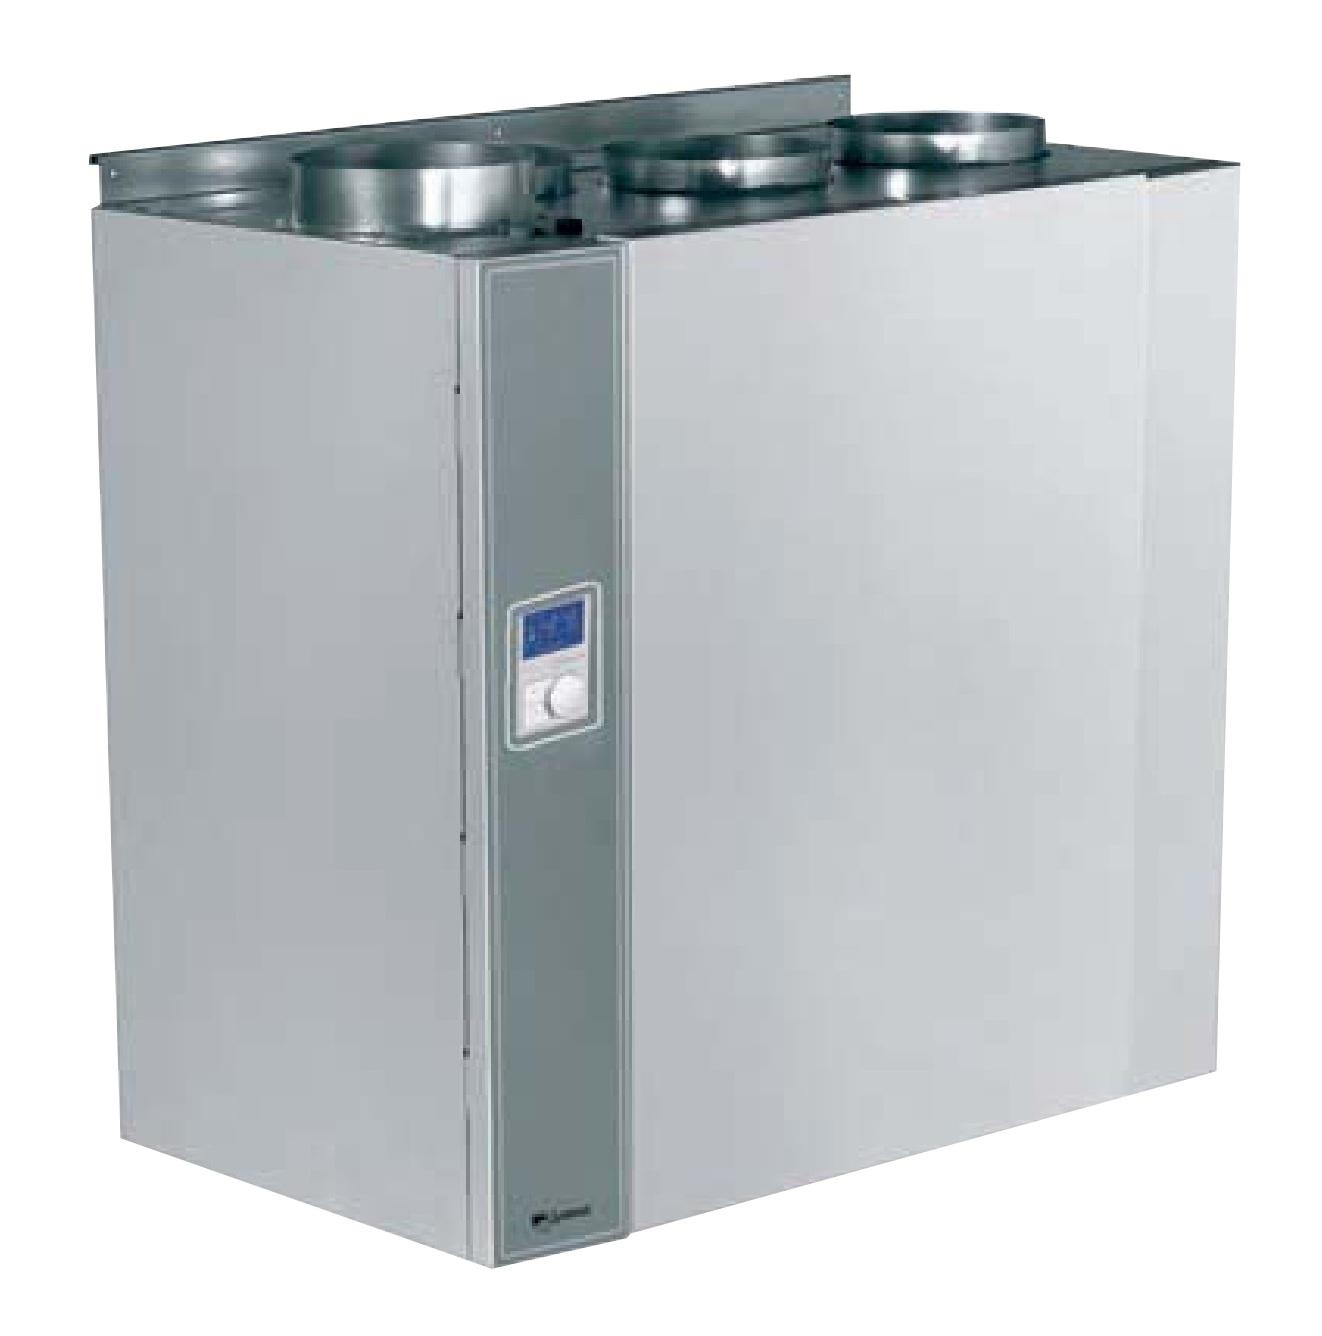 Приточно вытяжная вентиляция с роторным теплообменником может ли пропасть течь масла с теплообменника если спали морозы